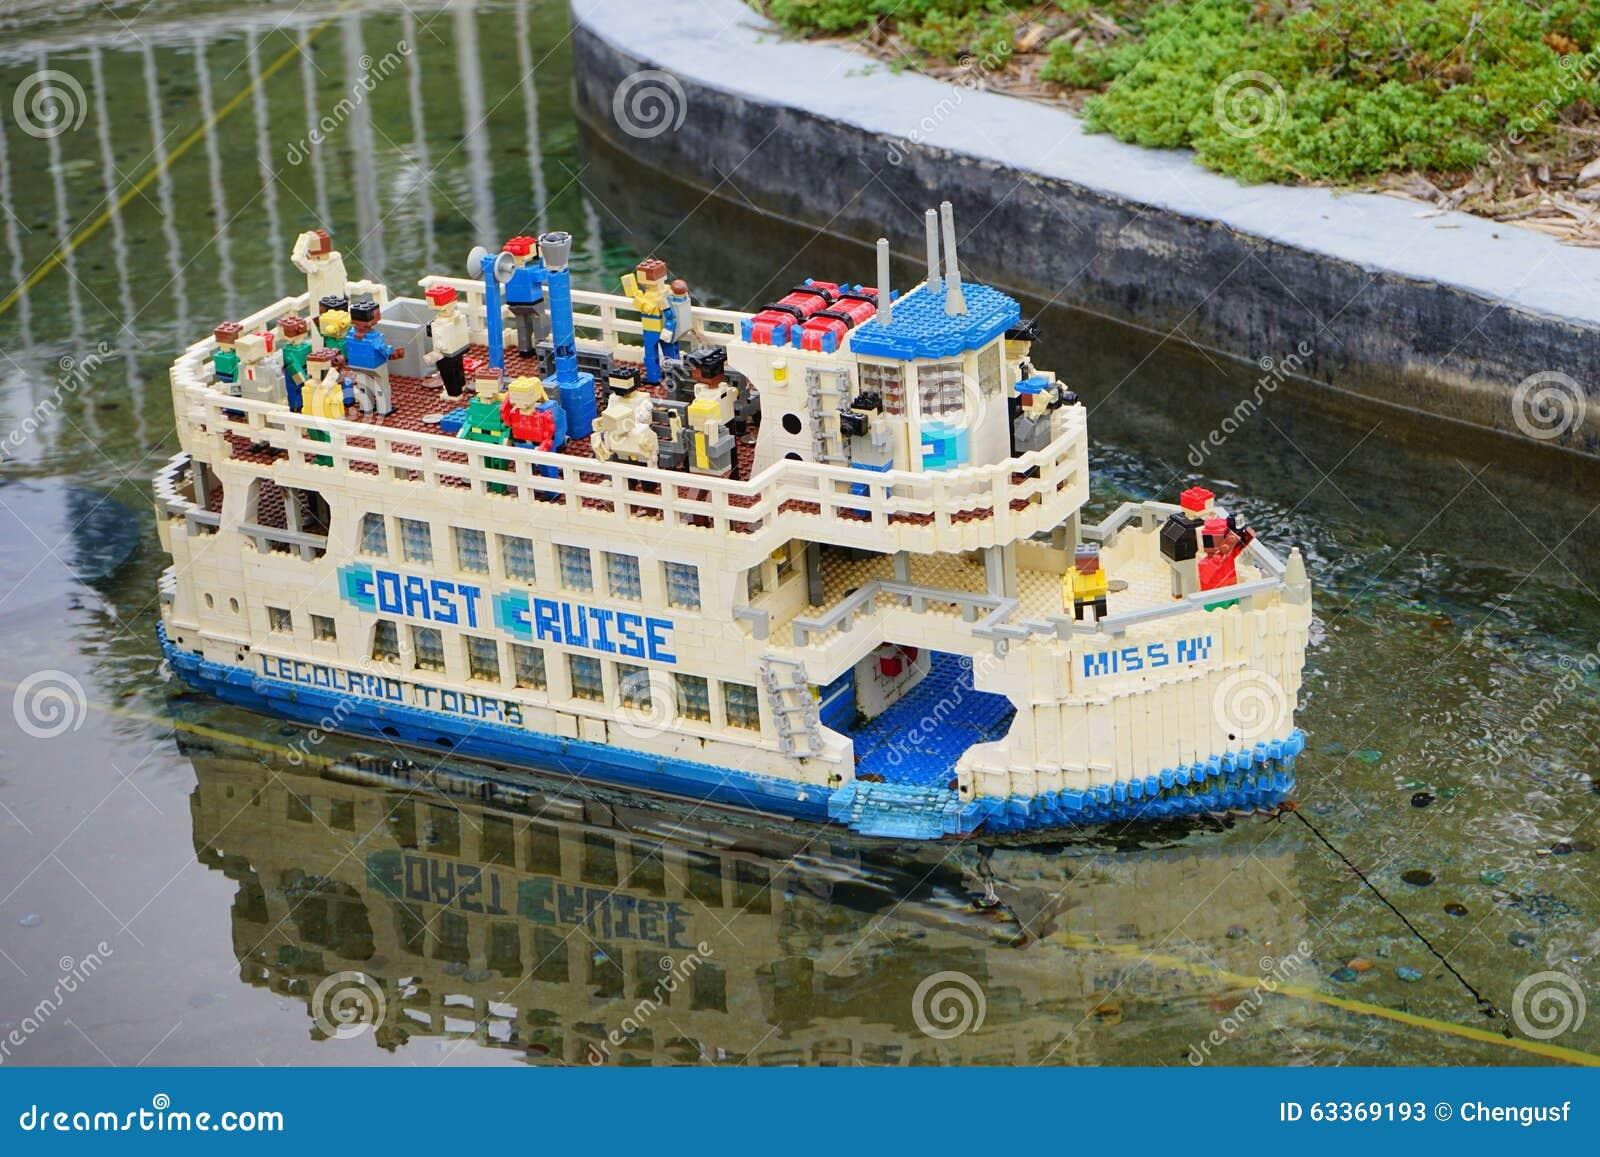 Cruise Ship In Legoland Florida Editorial Stock Photo